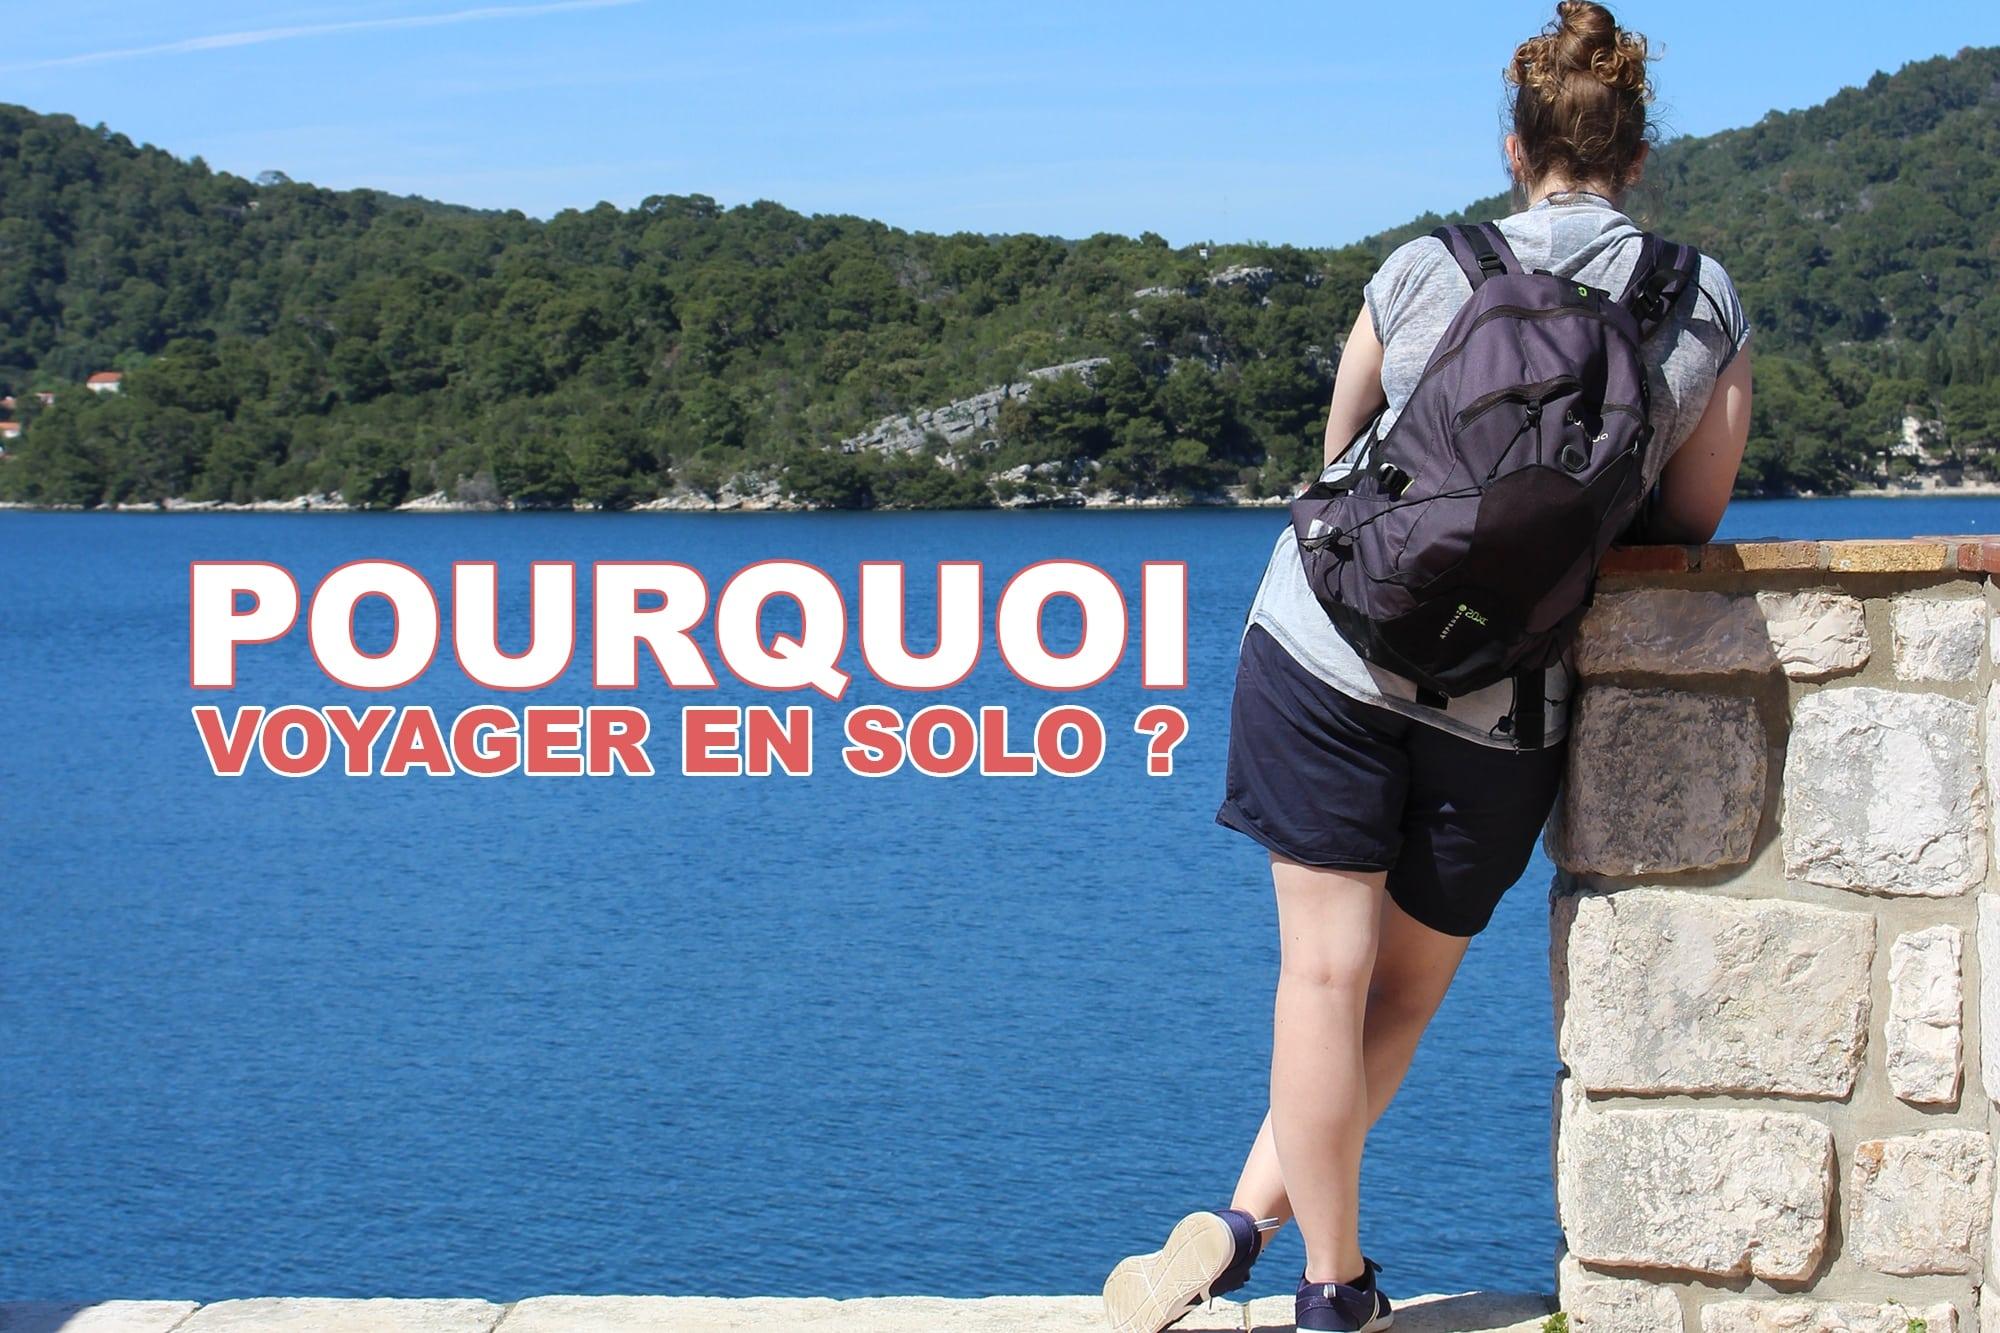 Pourquoi décider de voyager en solo ? - www.JDroadtrip.tv